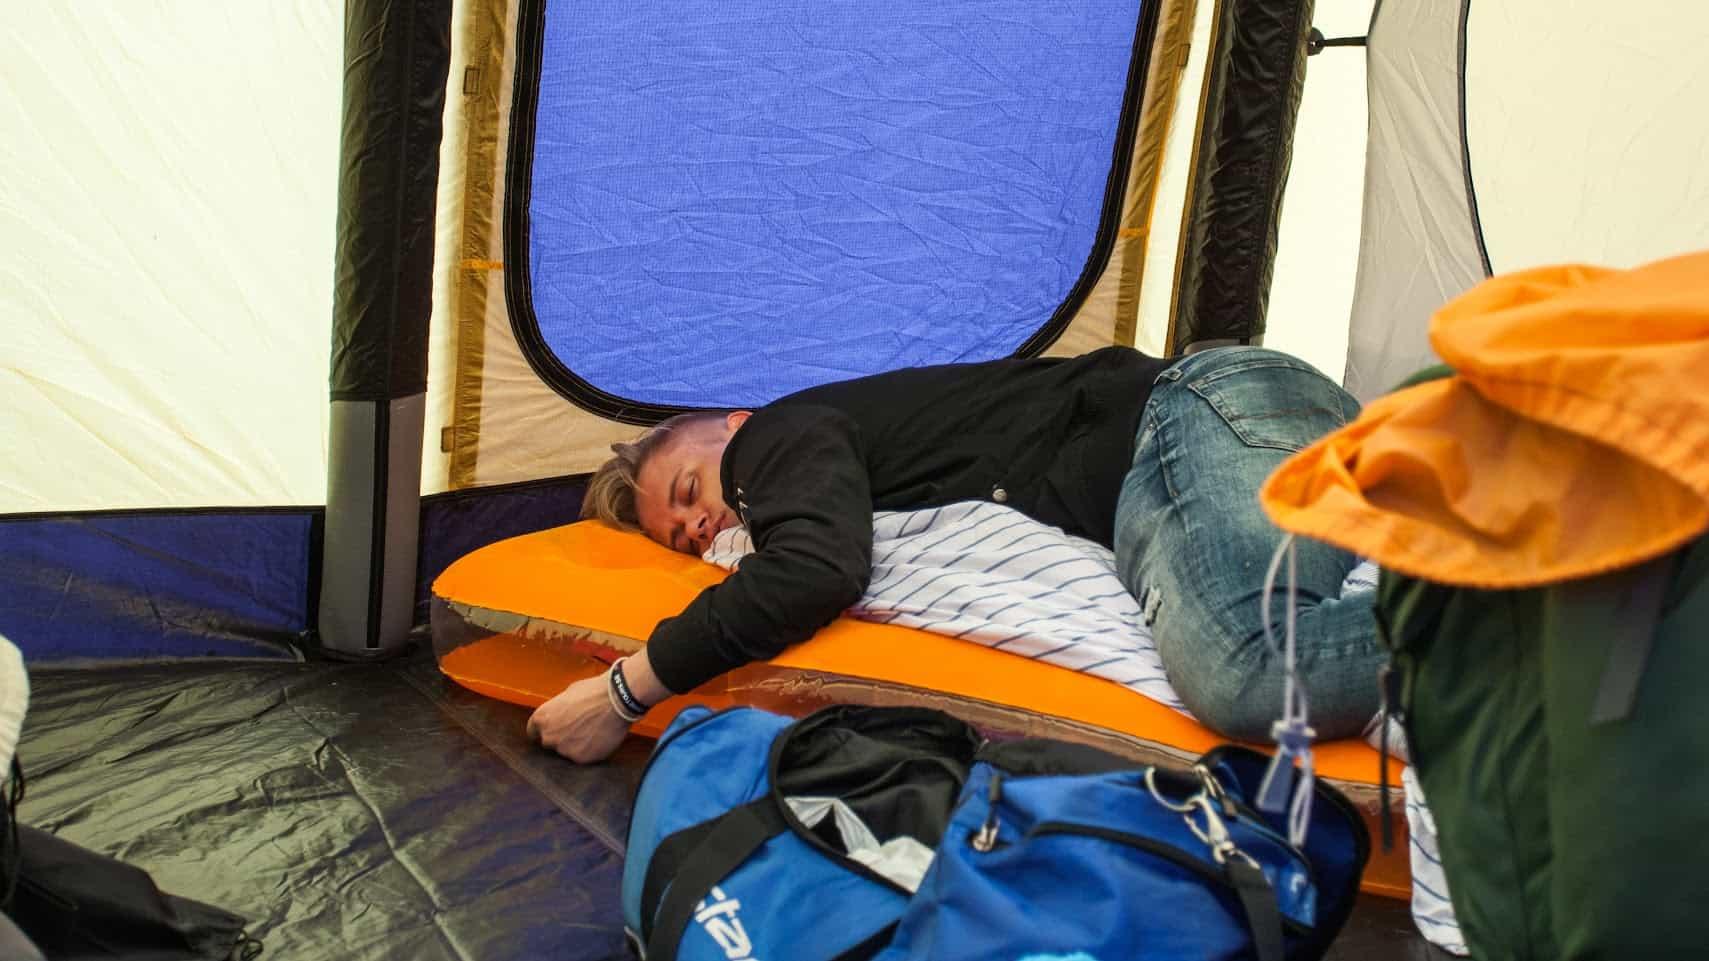 Sleeping at Defqon.1